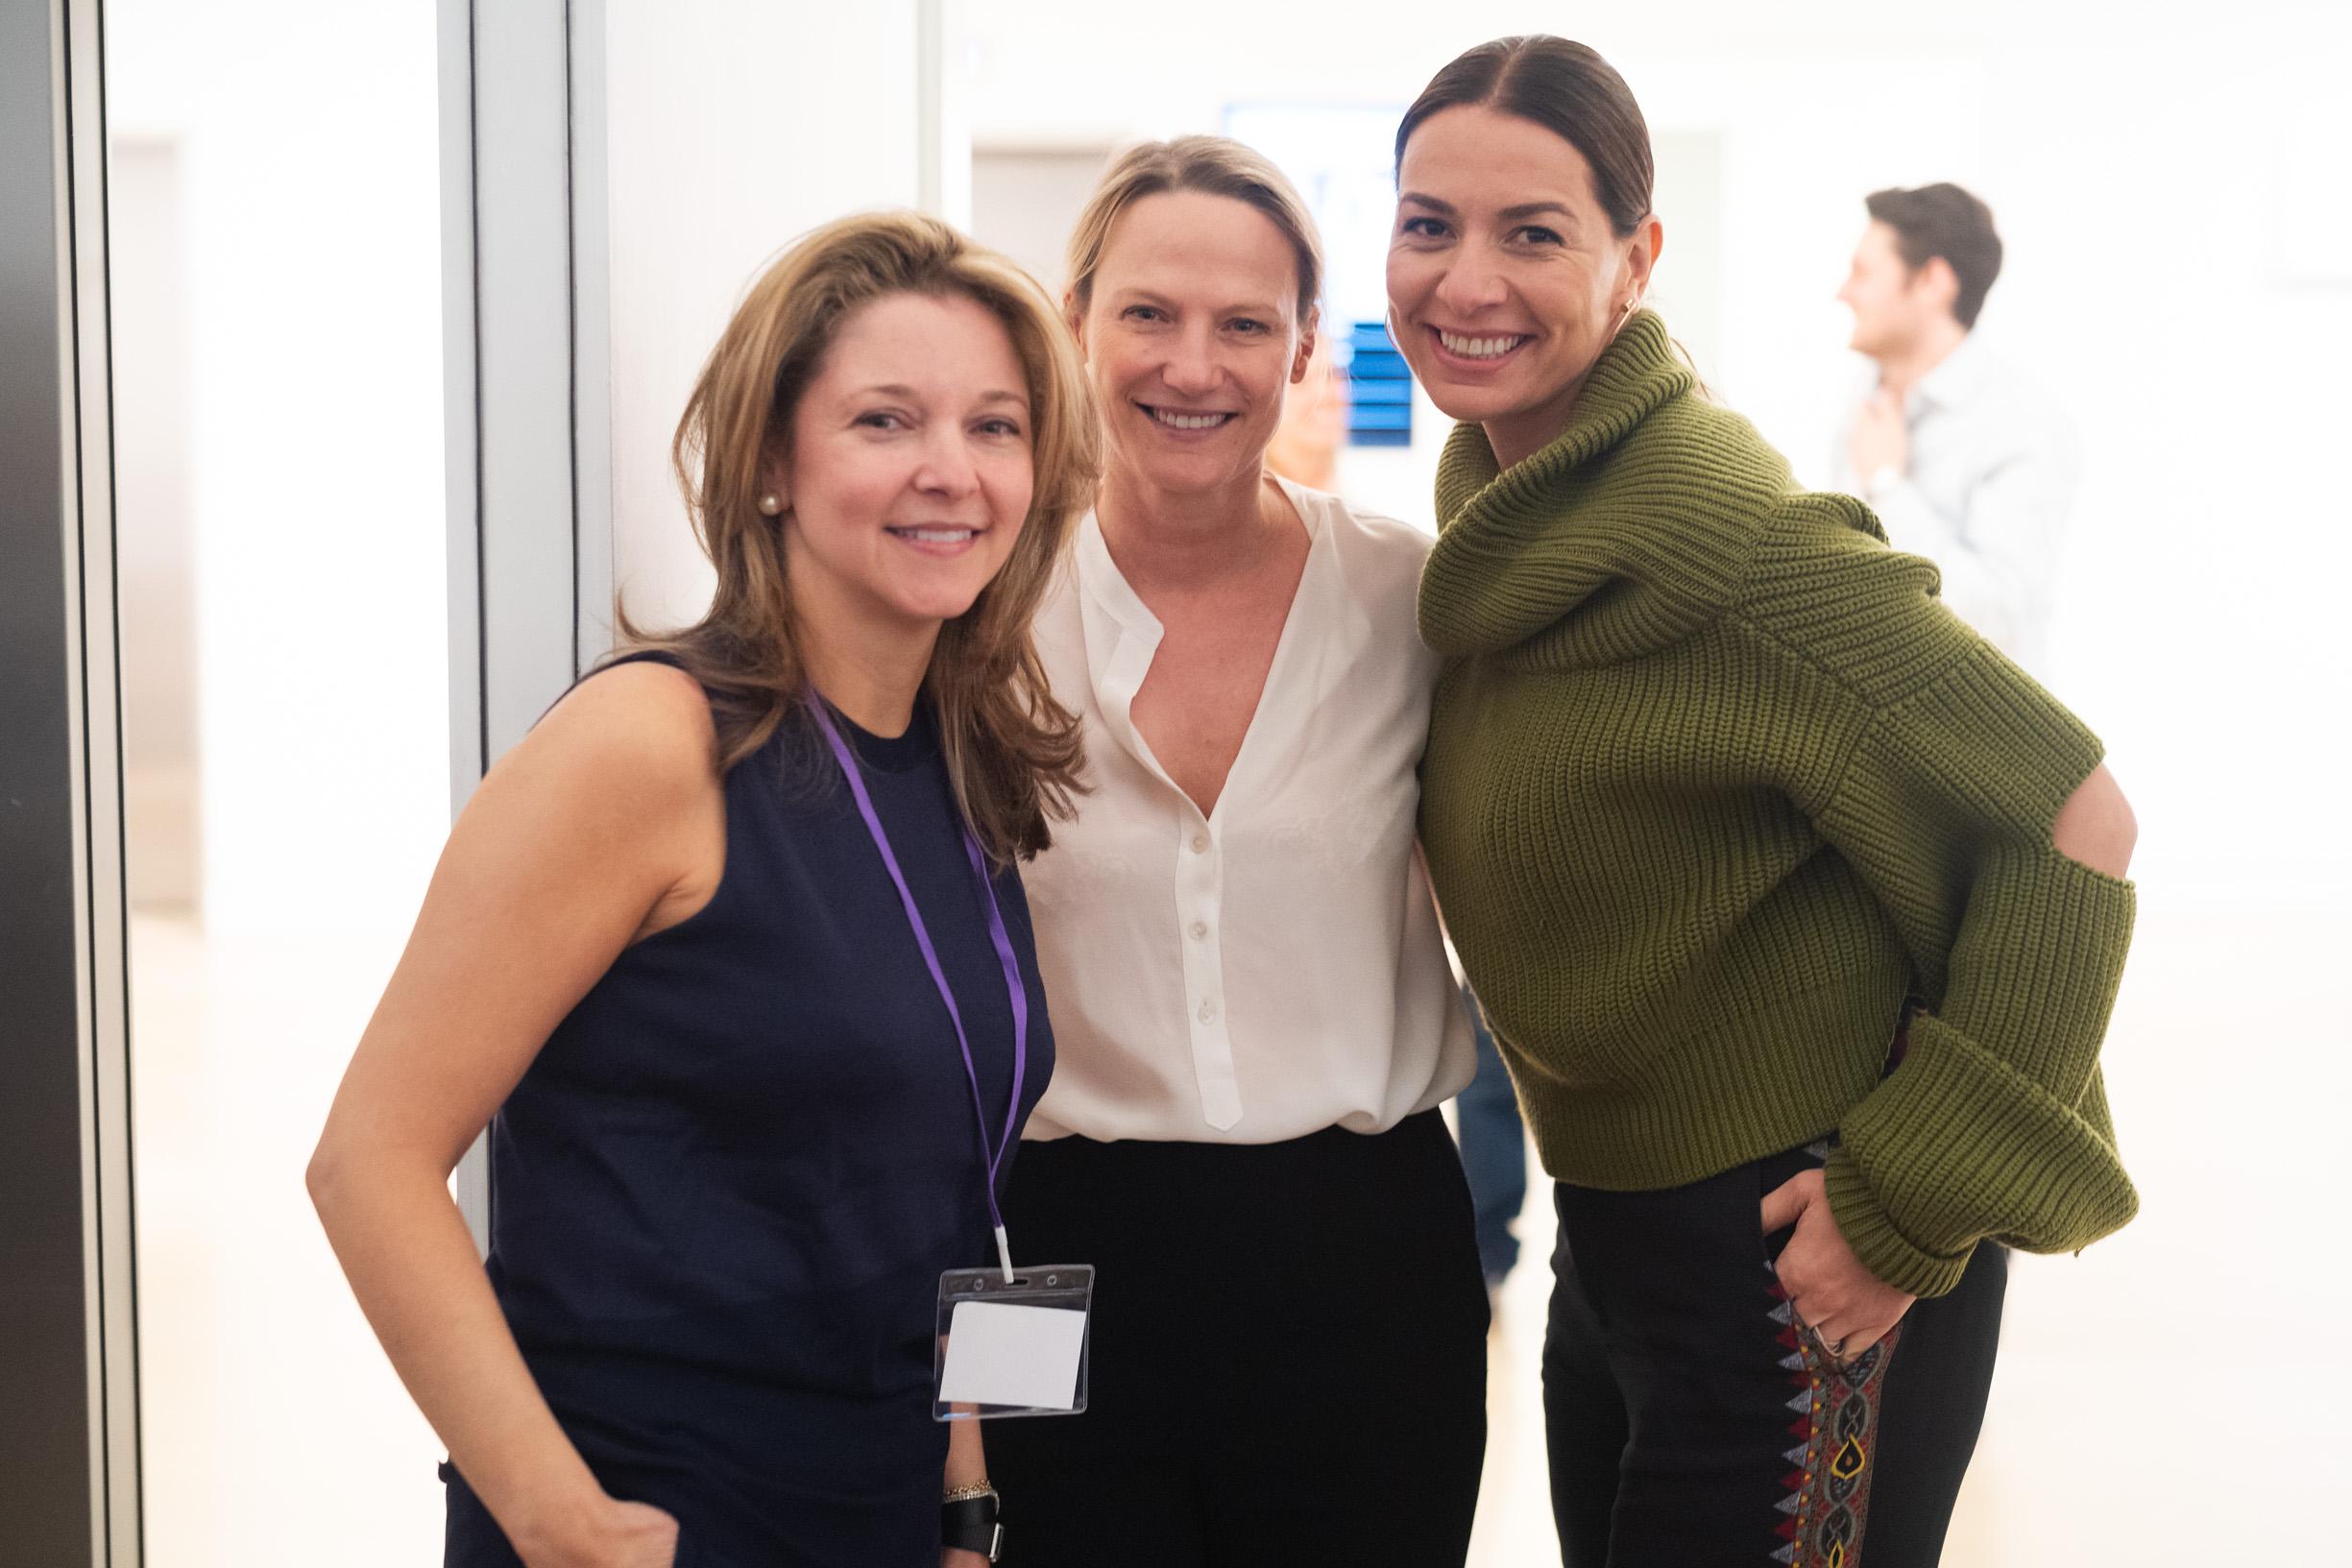 Kate Gordon, Cheyenne Westphal and Yana Peel